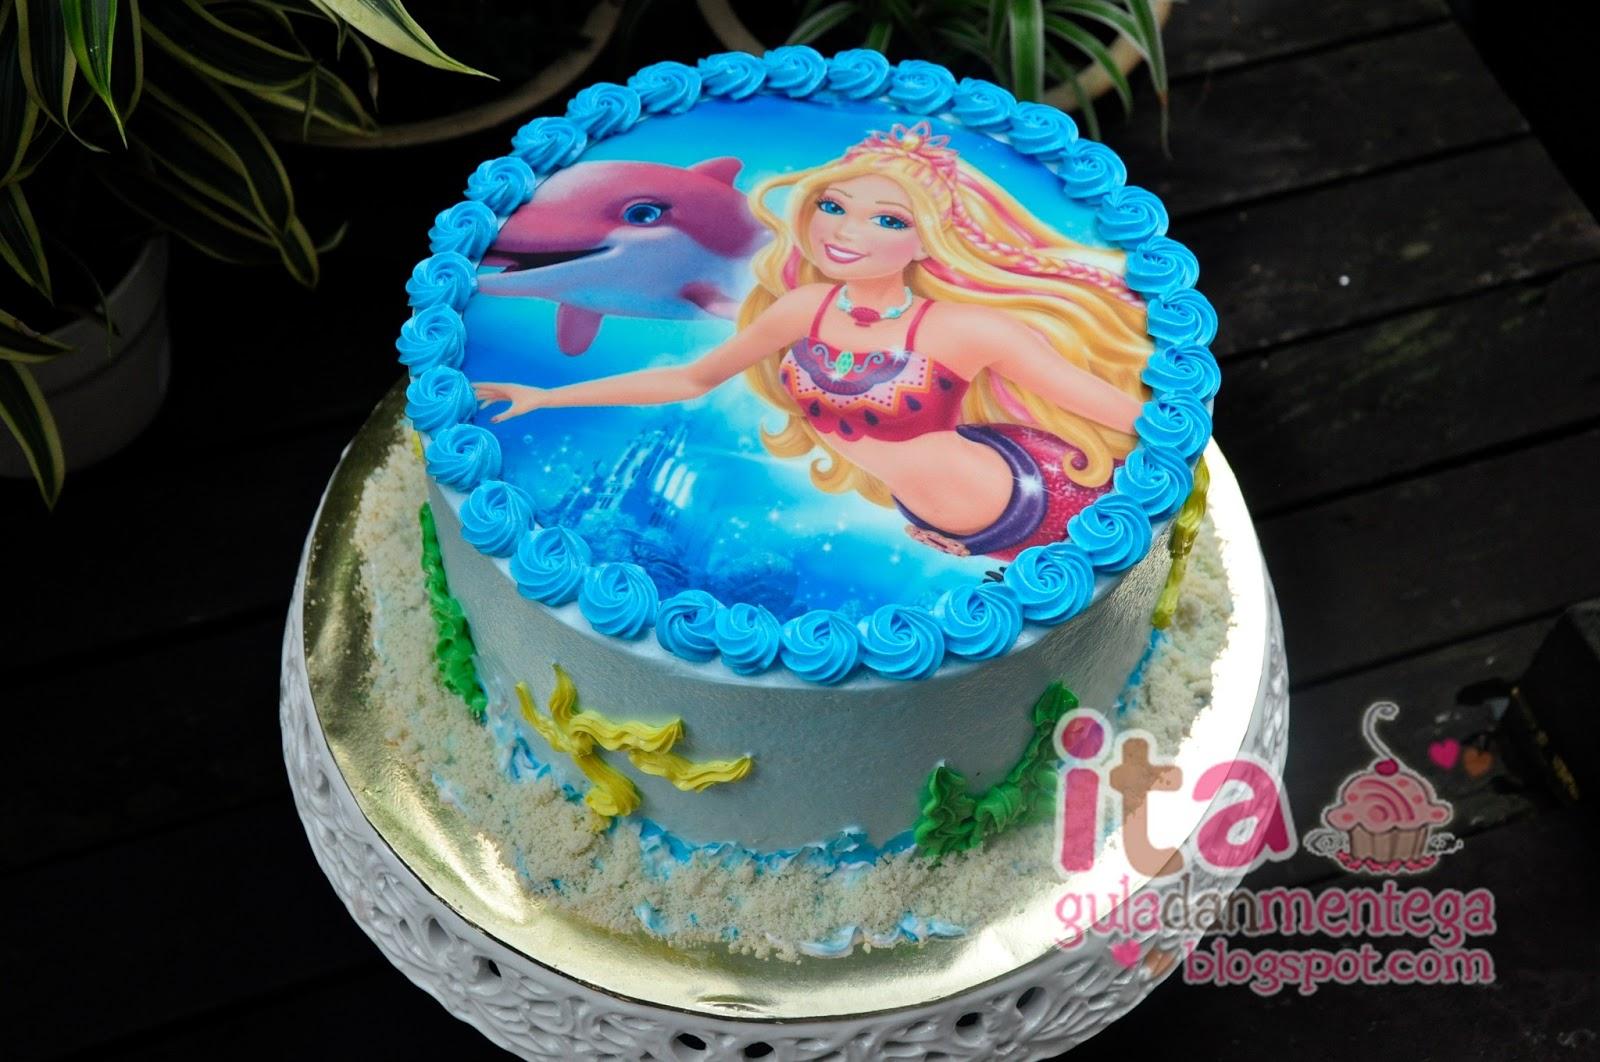 Gula Dan Mentega: Birthday Cake - Edible Image